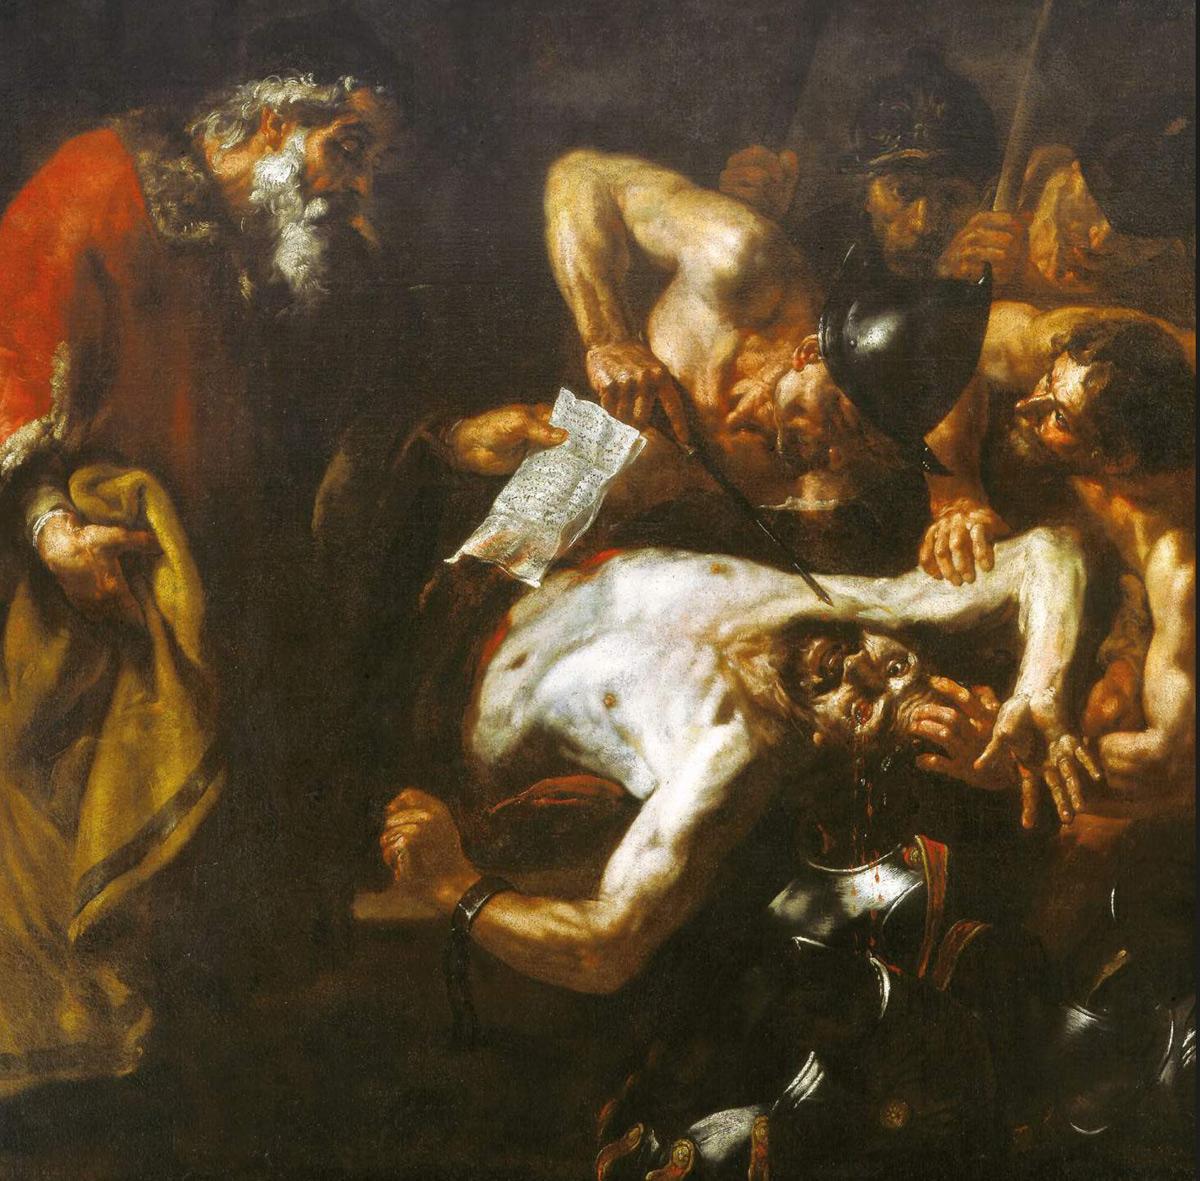 Orazio De Ferrari, La legge di Zaleuco (1640-1650 circa; olio su tela, 189 x 187 cm; Collezione privata)